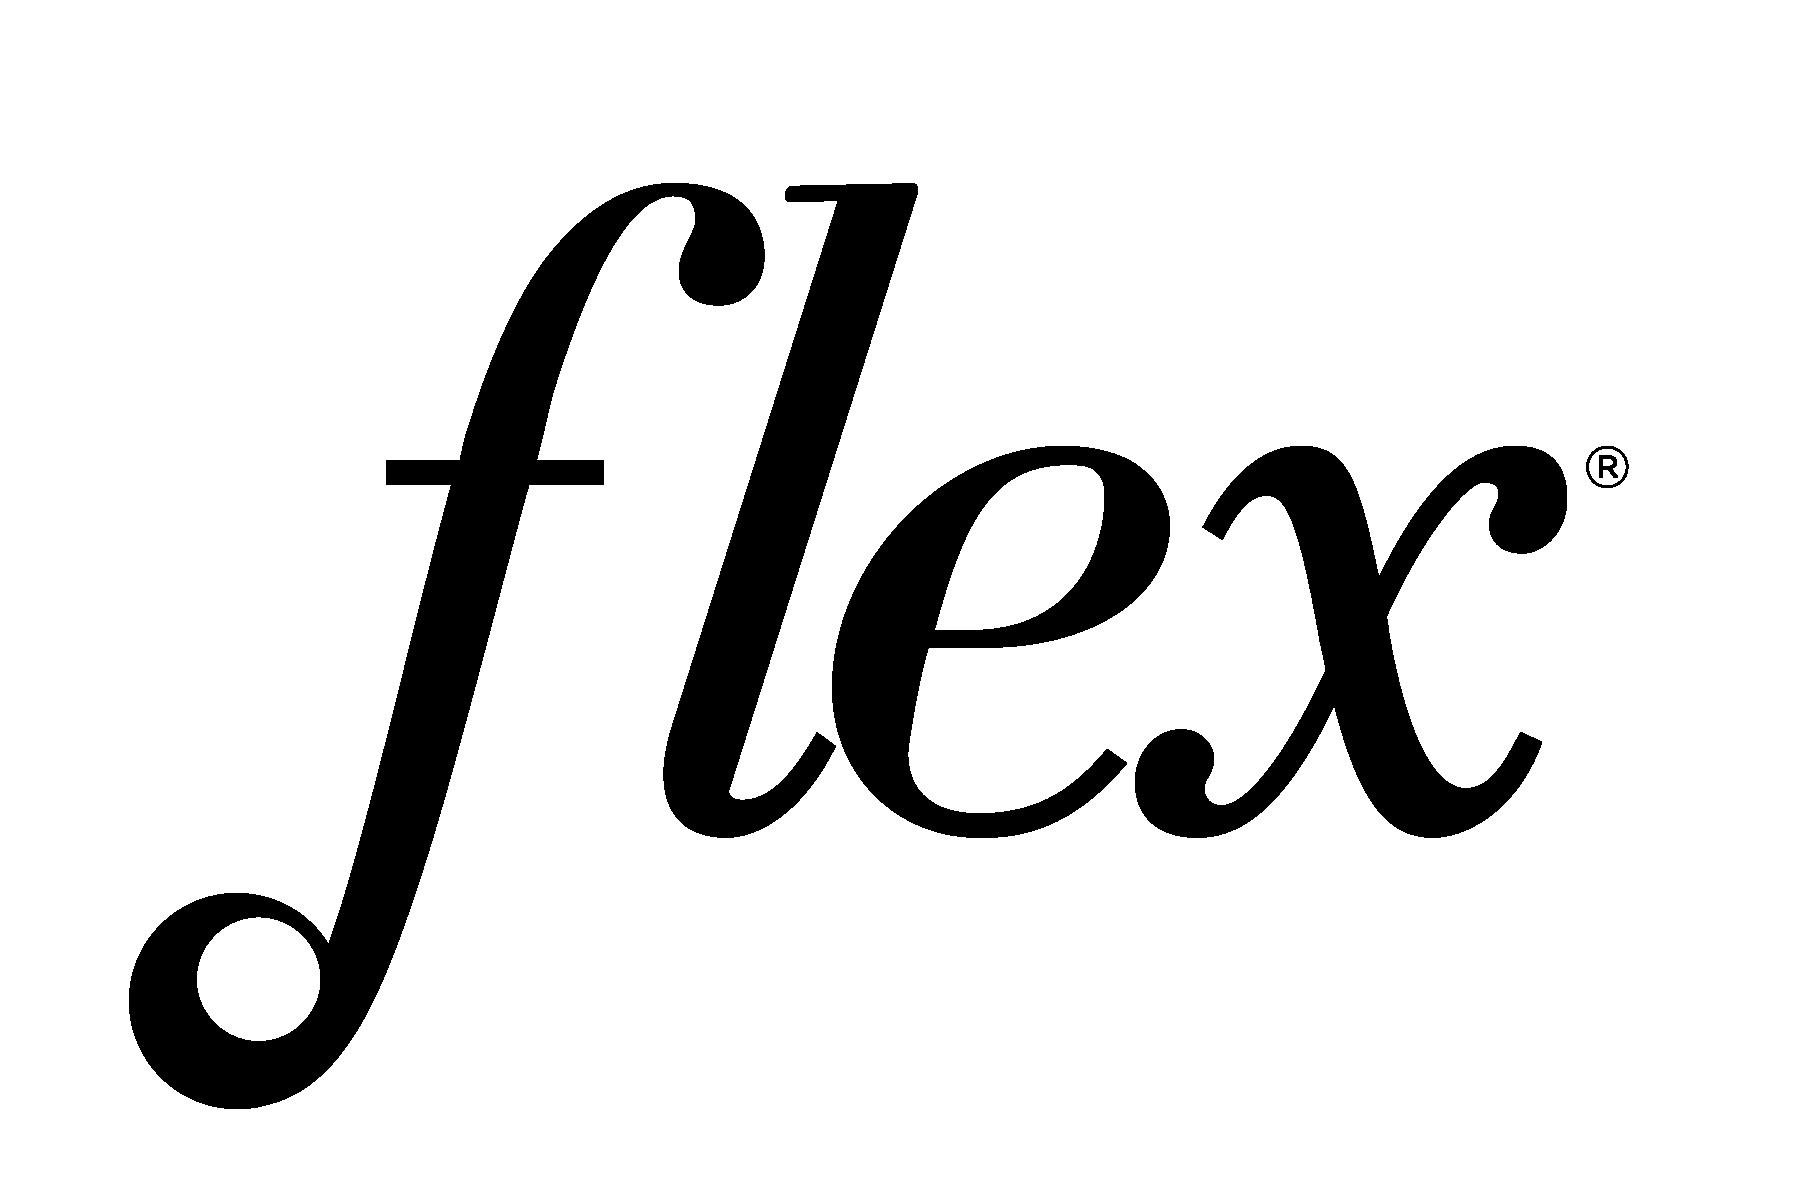 Flex logo PNG